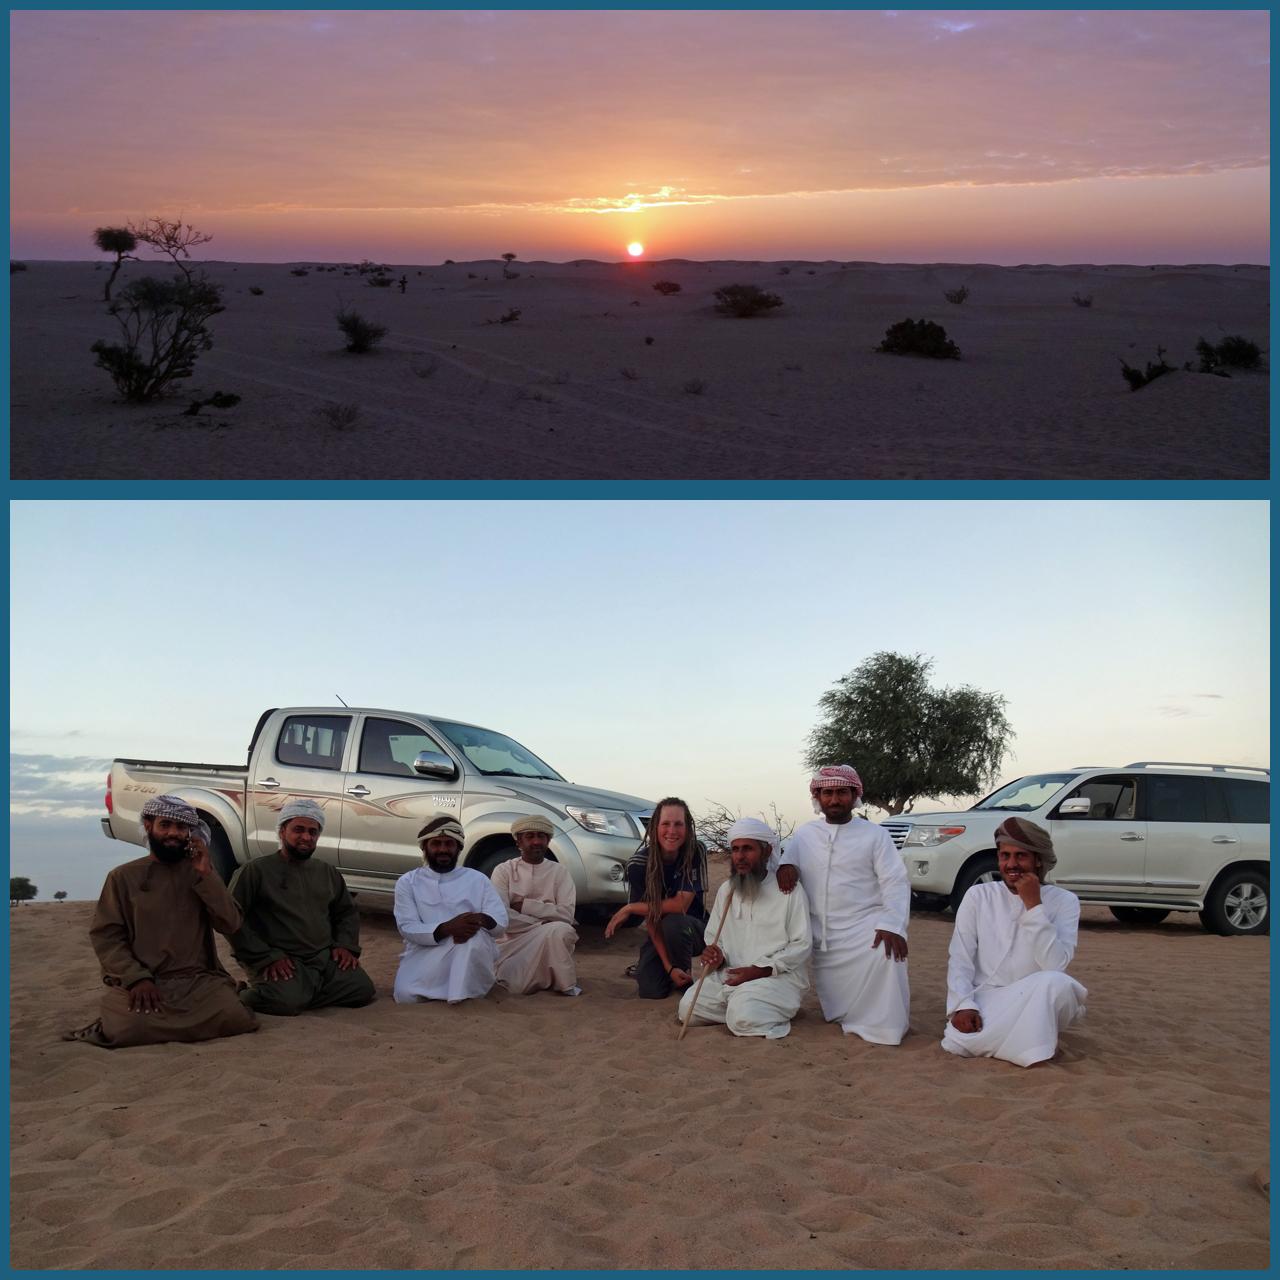 Im Oman wurde ich an einem Abend in ein Camp in der Wüste eingeladen und erhielt so einige sehr interessante Einblicke.